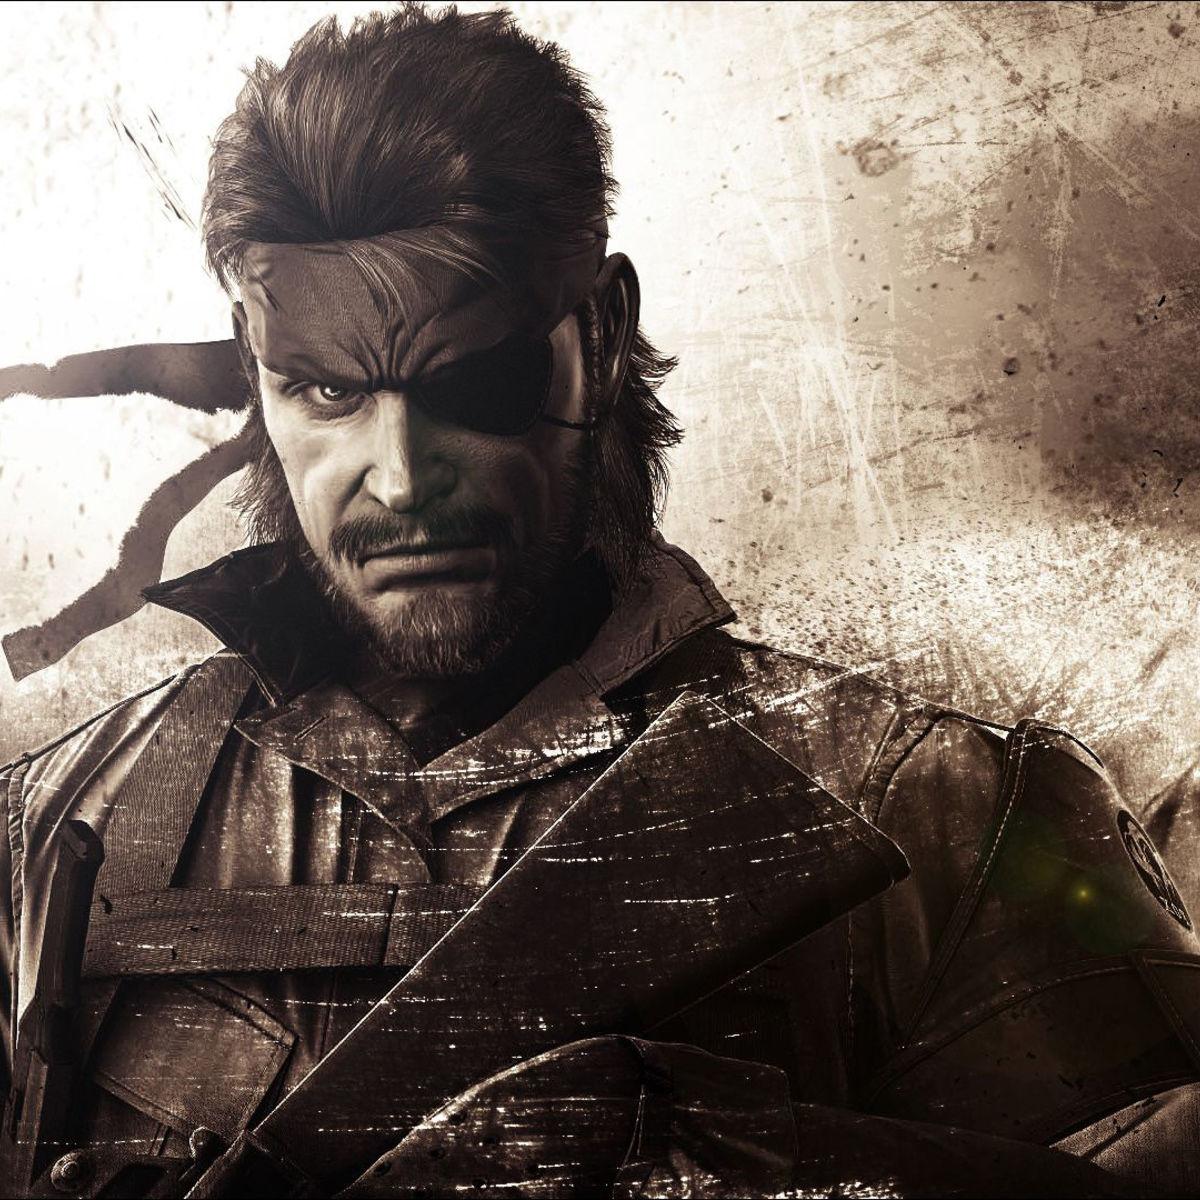 Filme_de_Metal_Gear_Solid_contrata_roteirista_Supernovo.net_.jpg